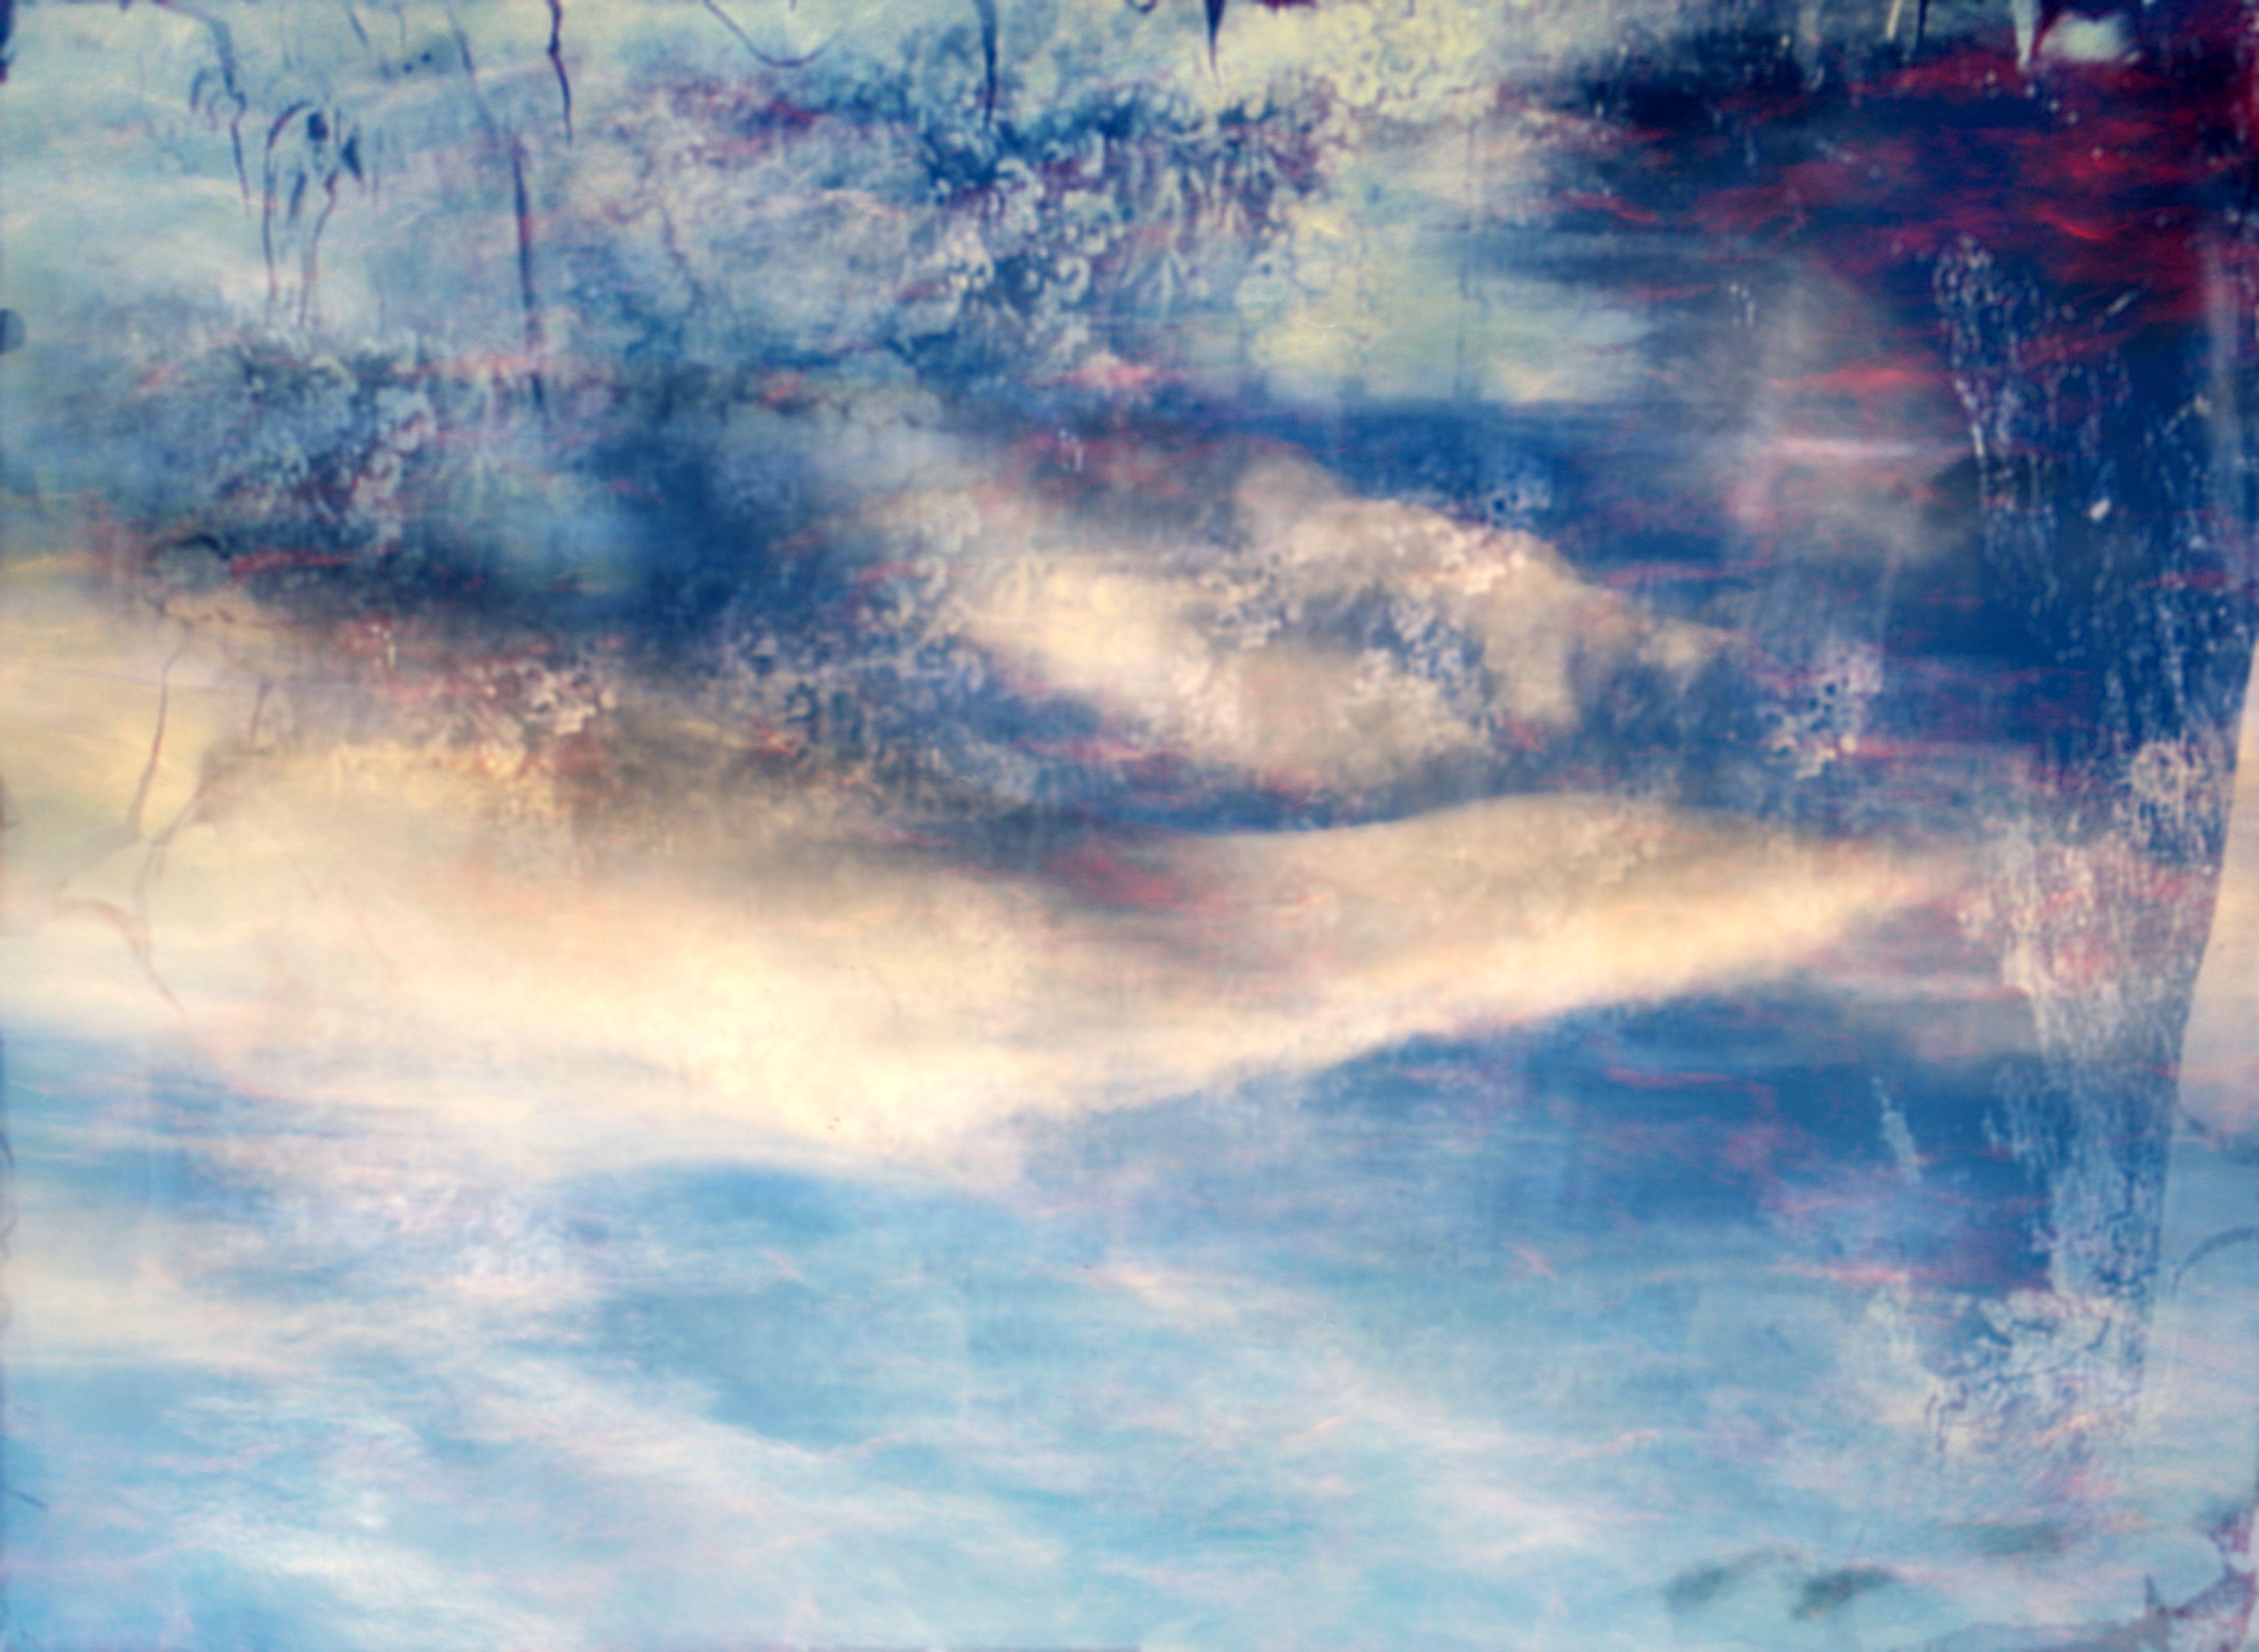 Fotoğraf Bulut Gökyüzü Güneş ışığı Sabah Doku Dalga Atmosfer